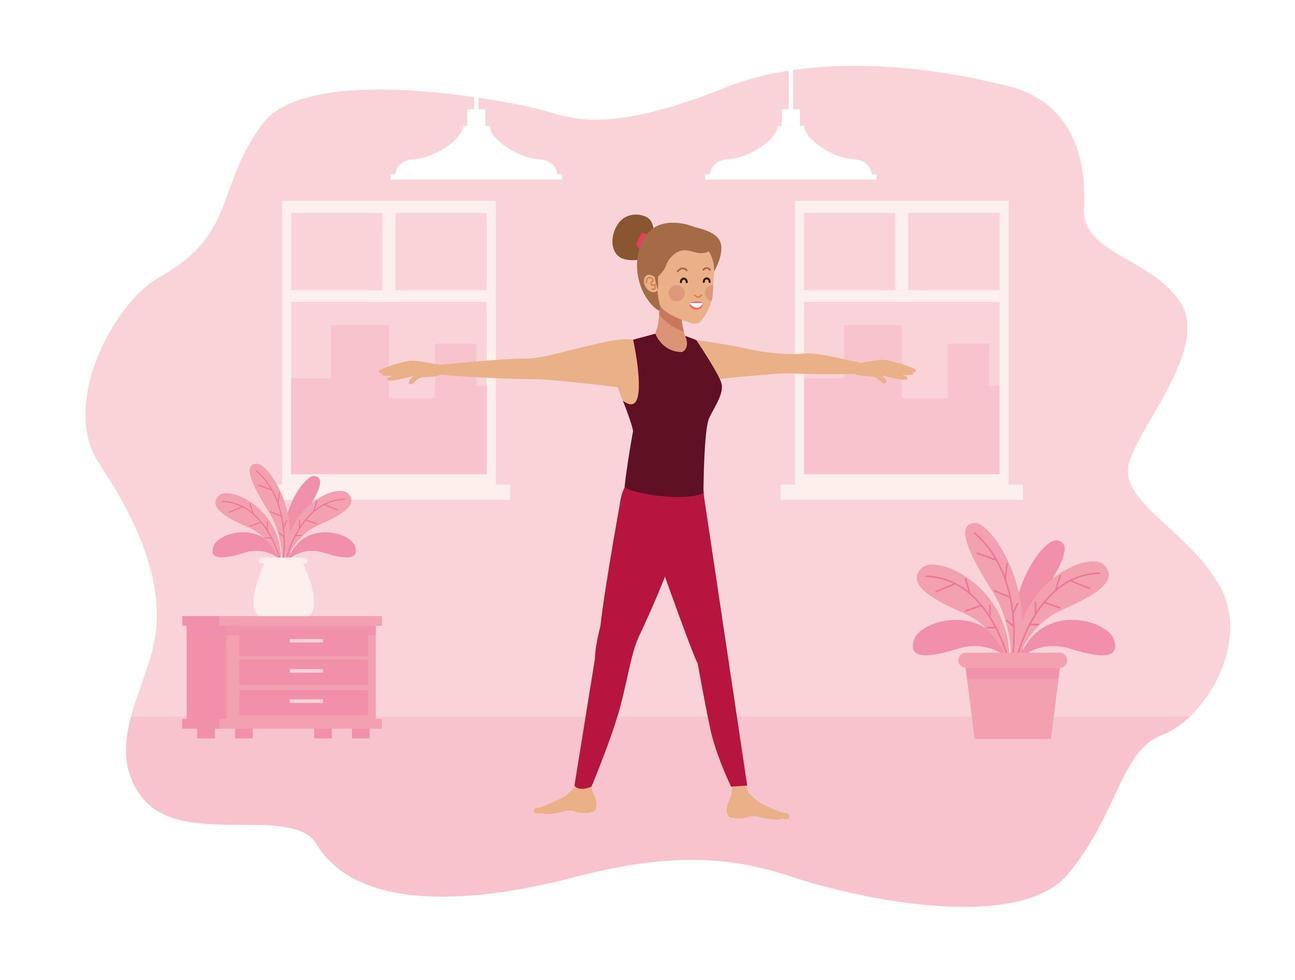 jonge vrouw beoefenen van oefeningen in haar huis vector